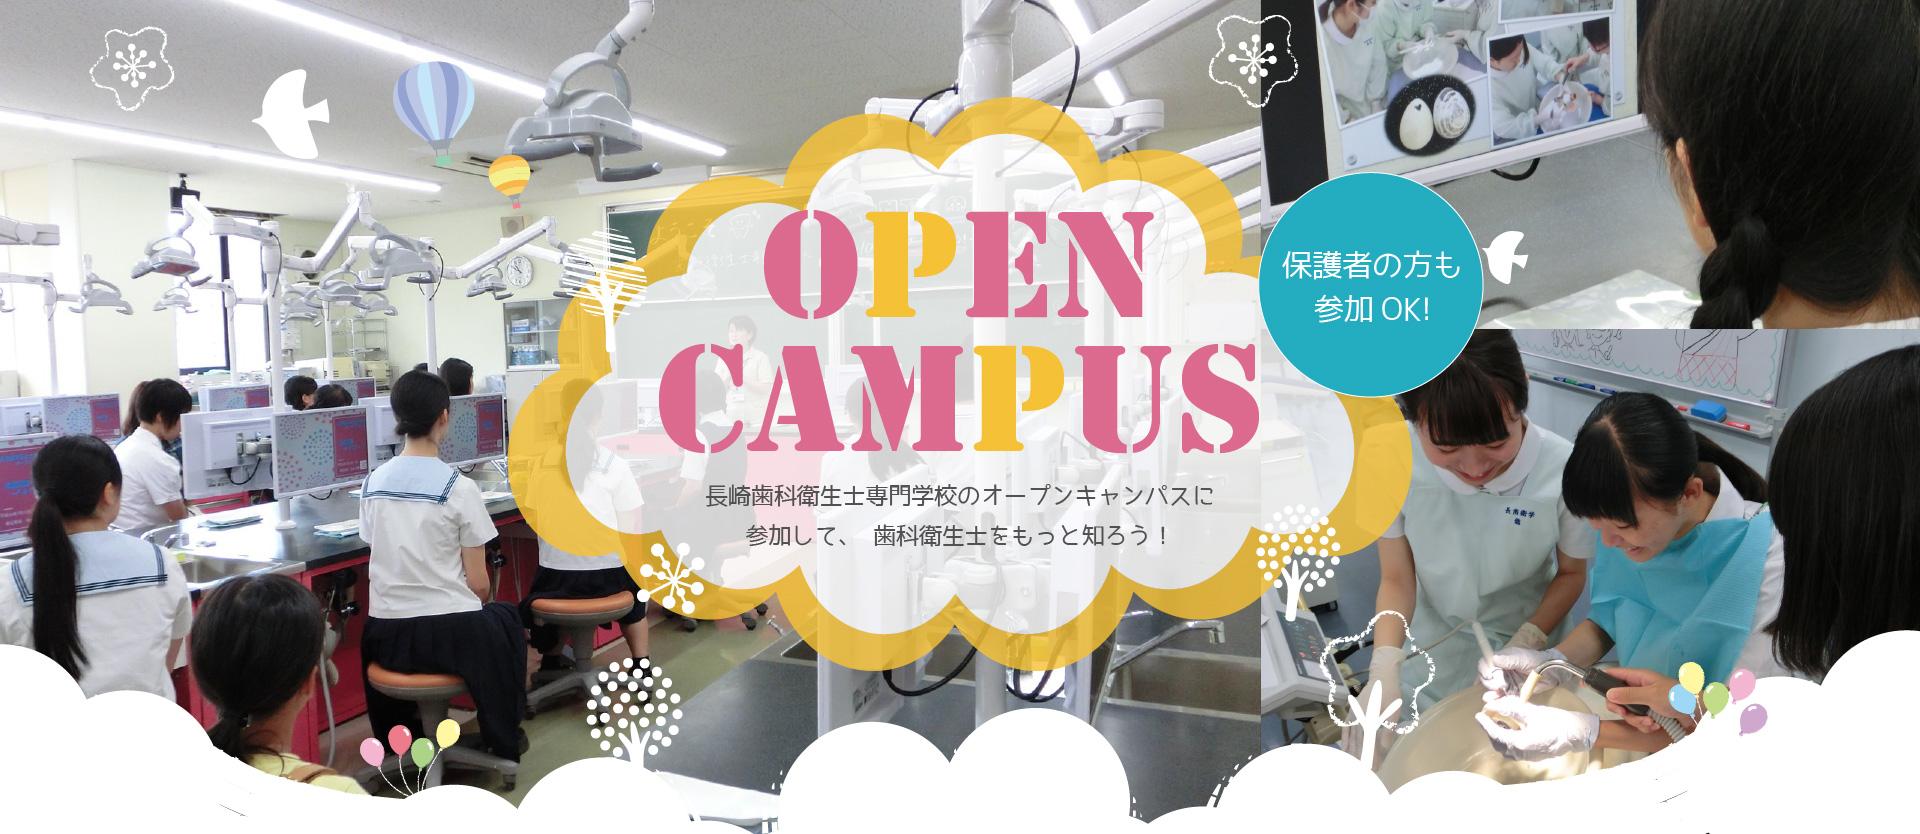 長崎歯科衛生士専門学校 オープンキャンパス